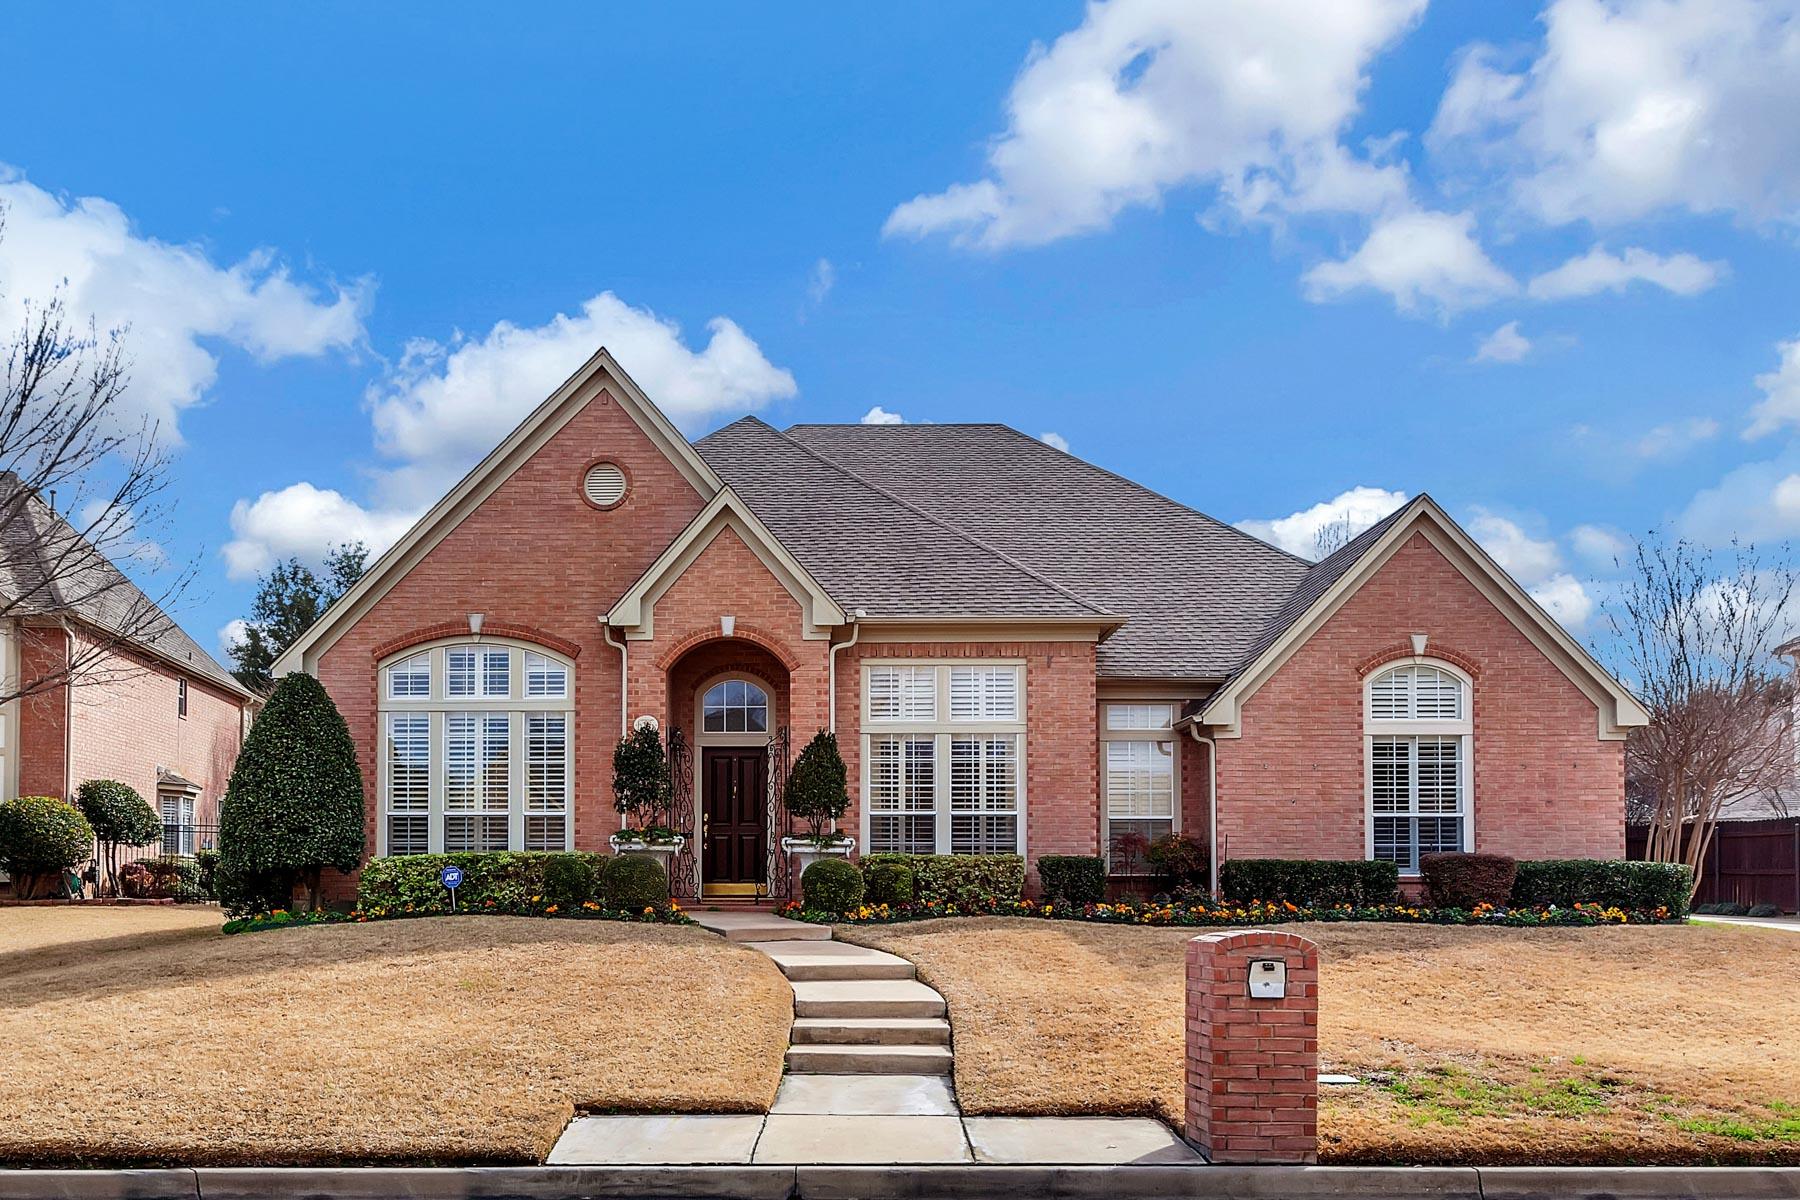 단독 가정 주택 용 매매 에 6705 E. Park Dr, Fort Worth Fort Worth, 텍사스, 76132 미국